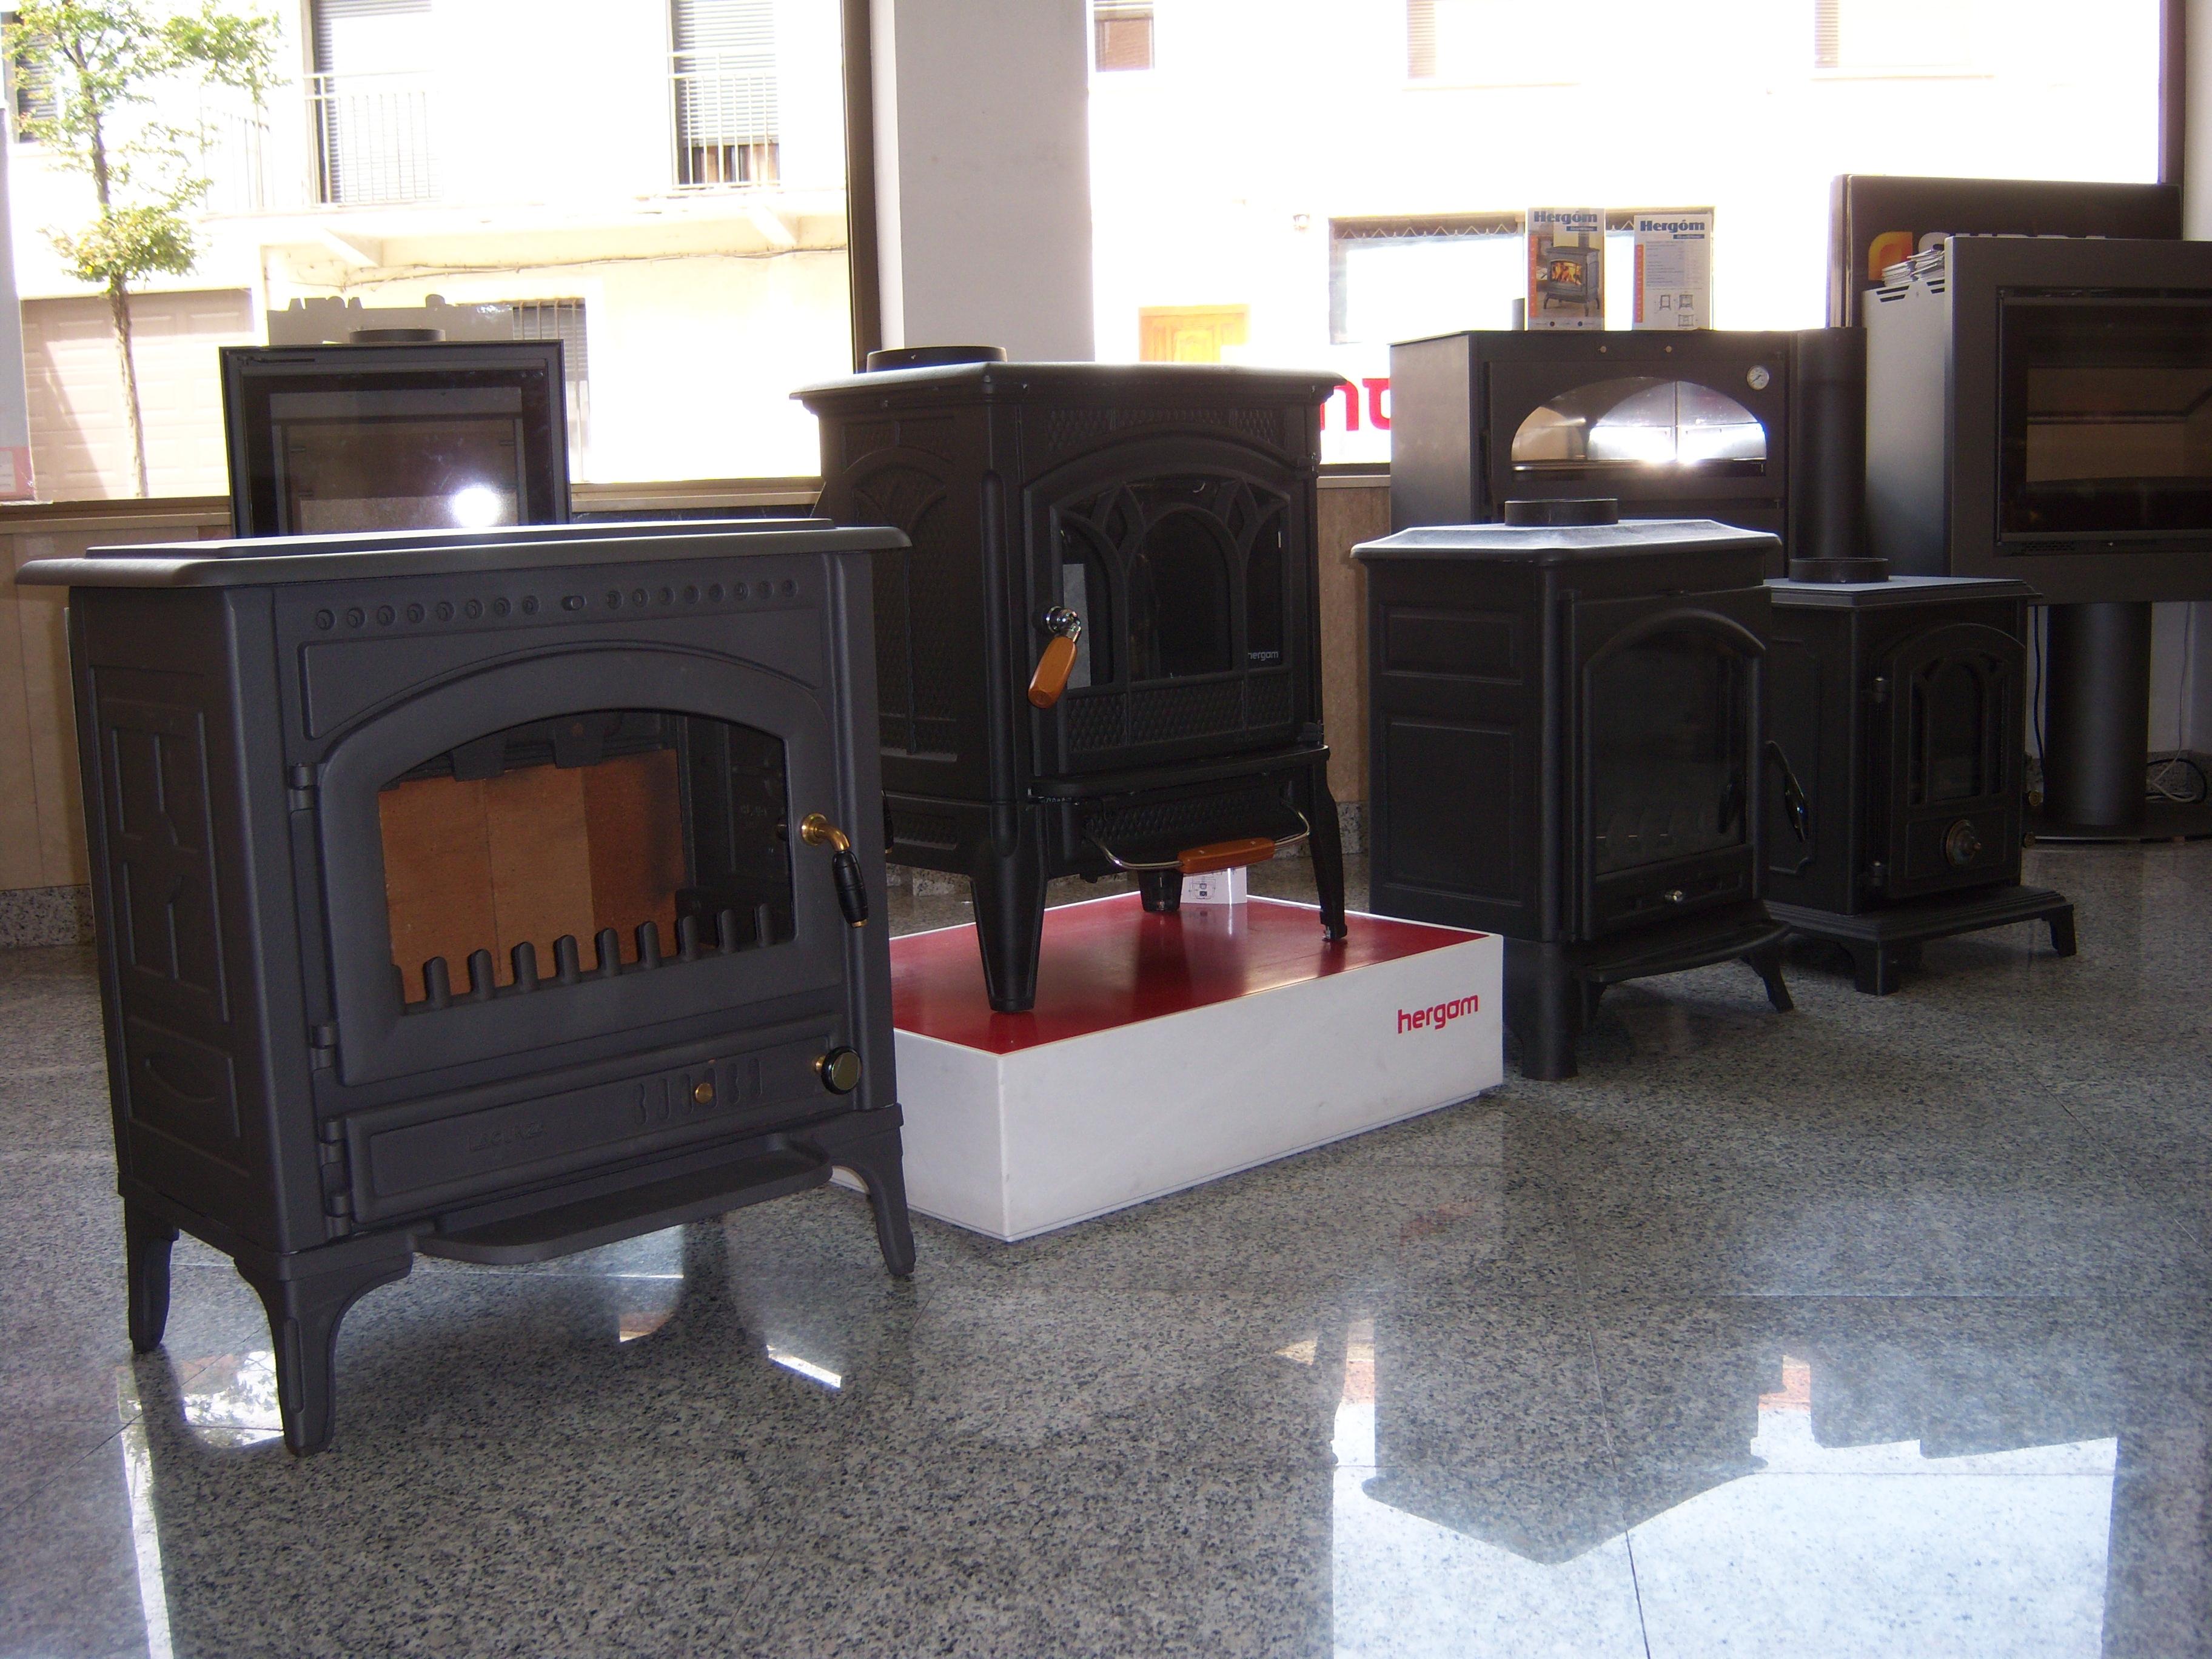 Estufas de hierro fundido